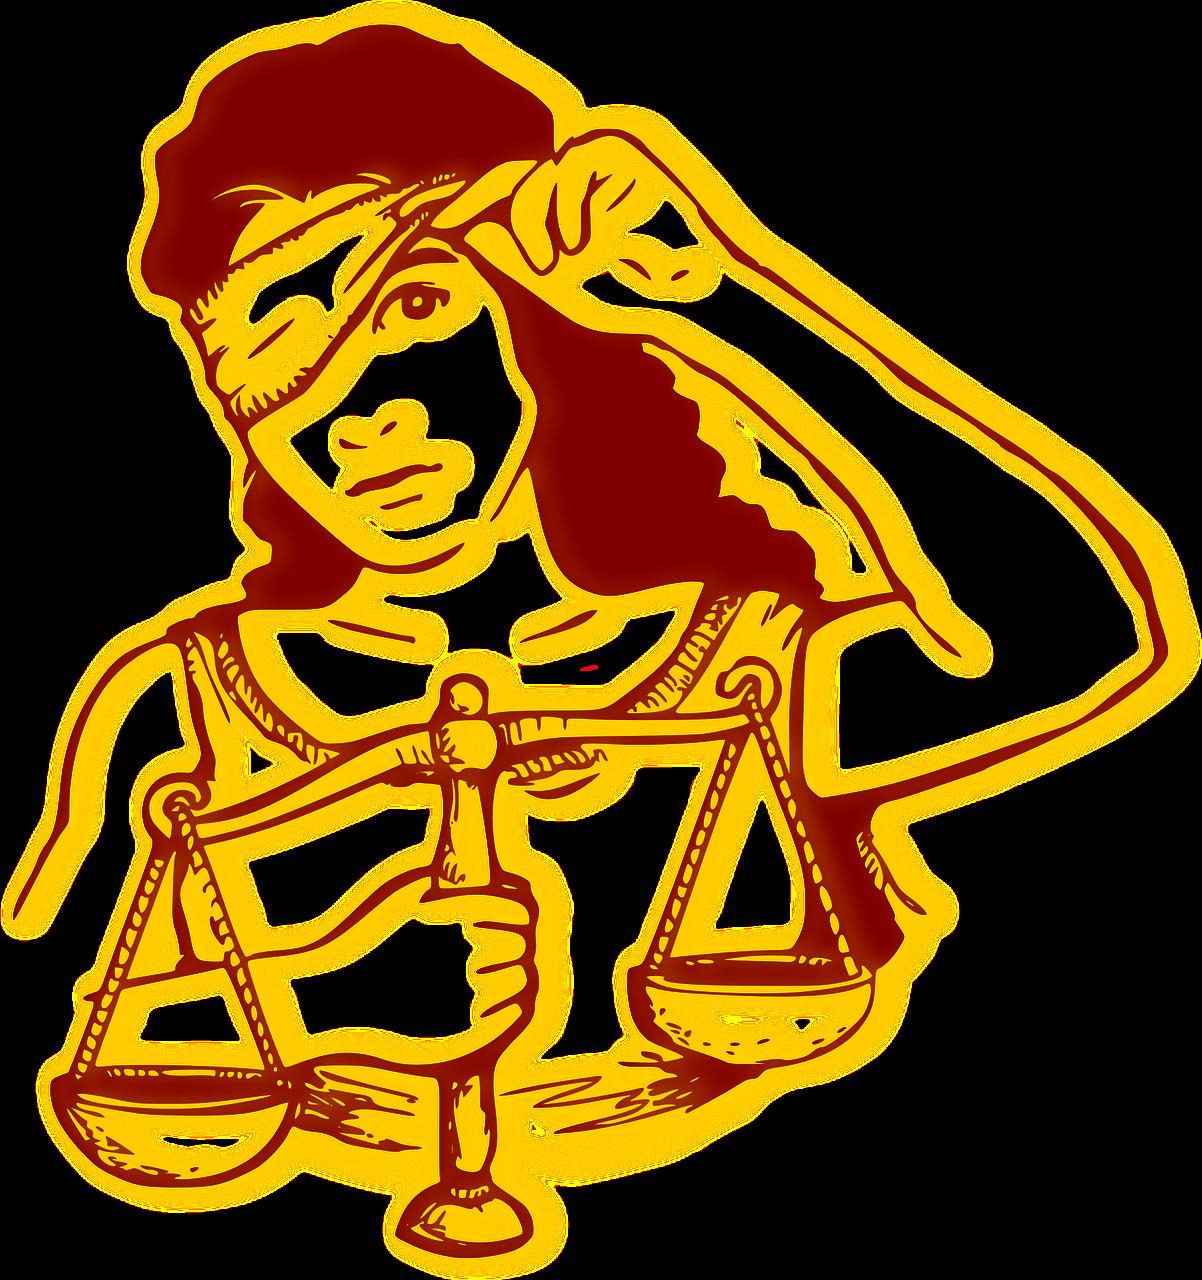 La obsesión por la justicia a menudo tiene su origen en la infancia.